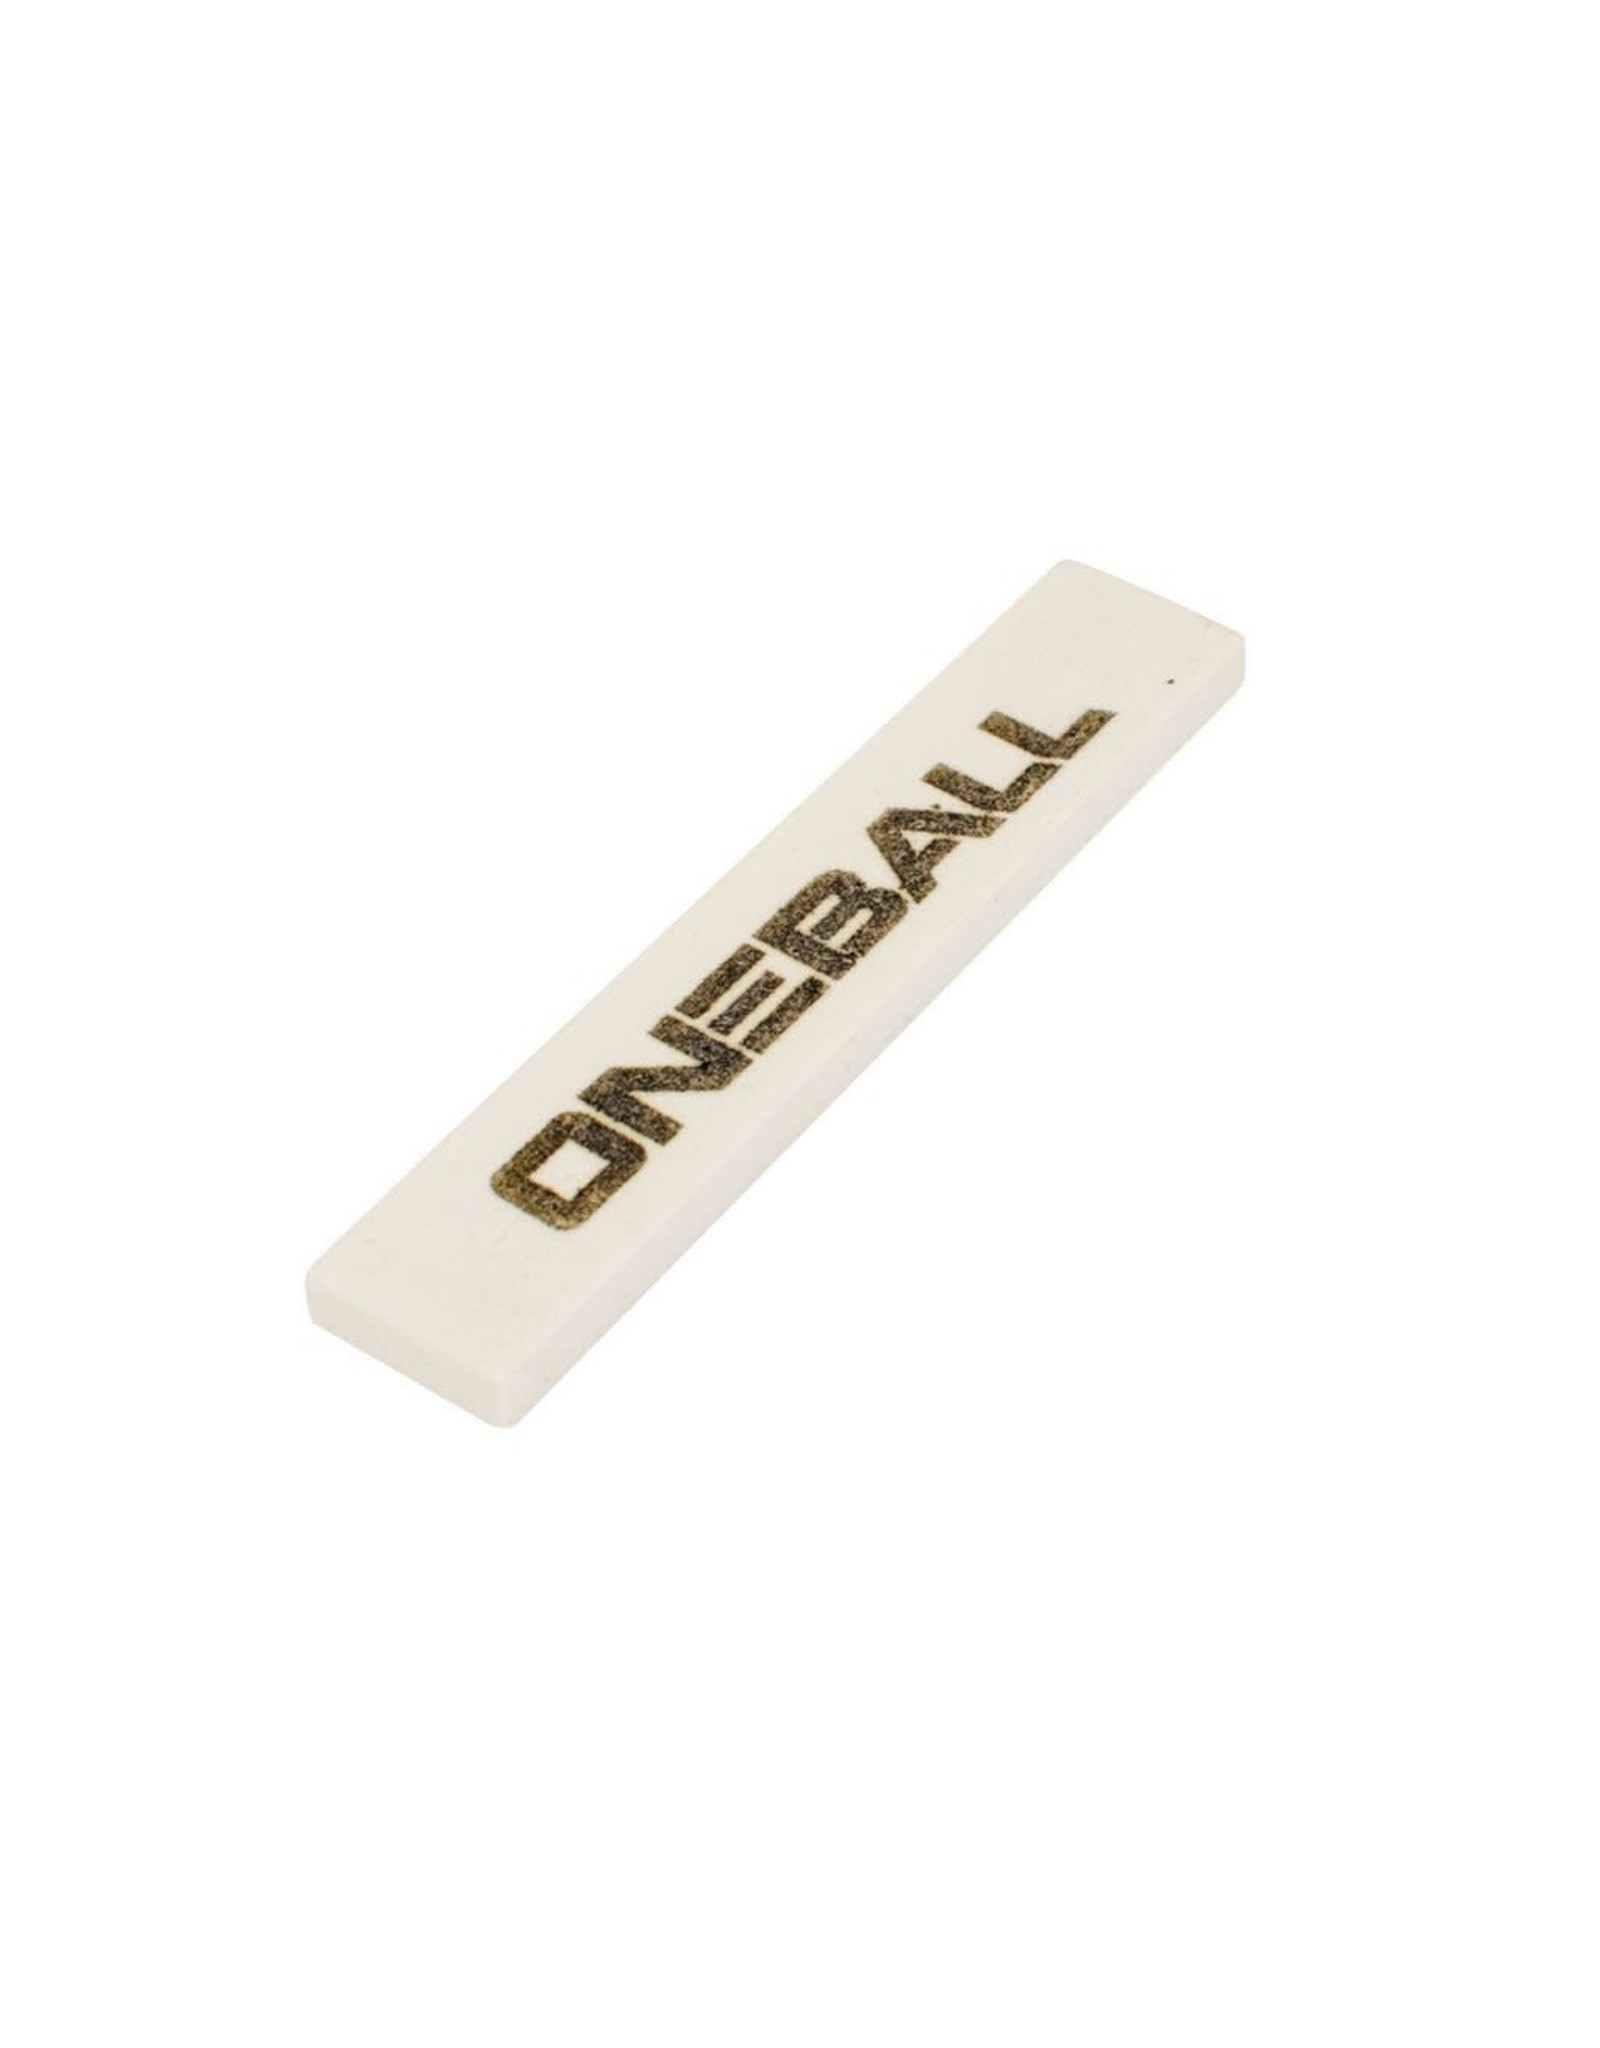 Oneball Mfg. Basic Tuning Kit